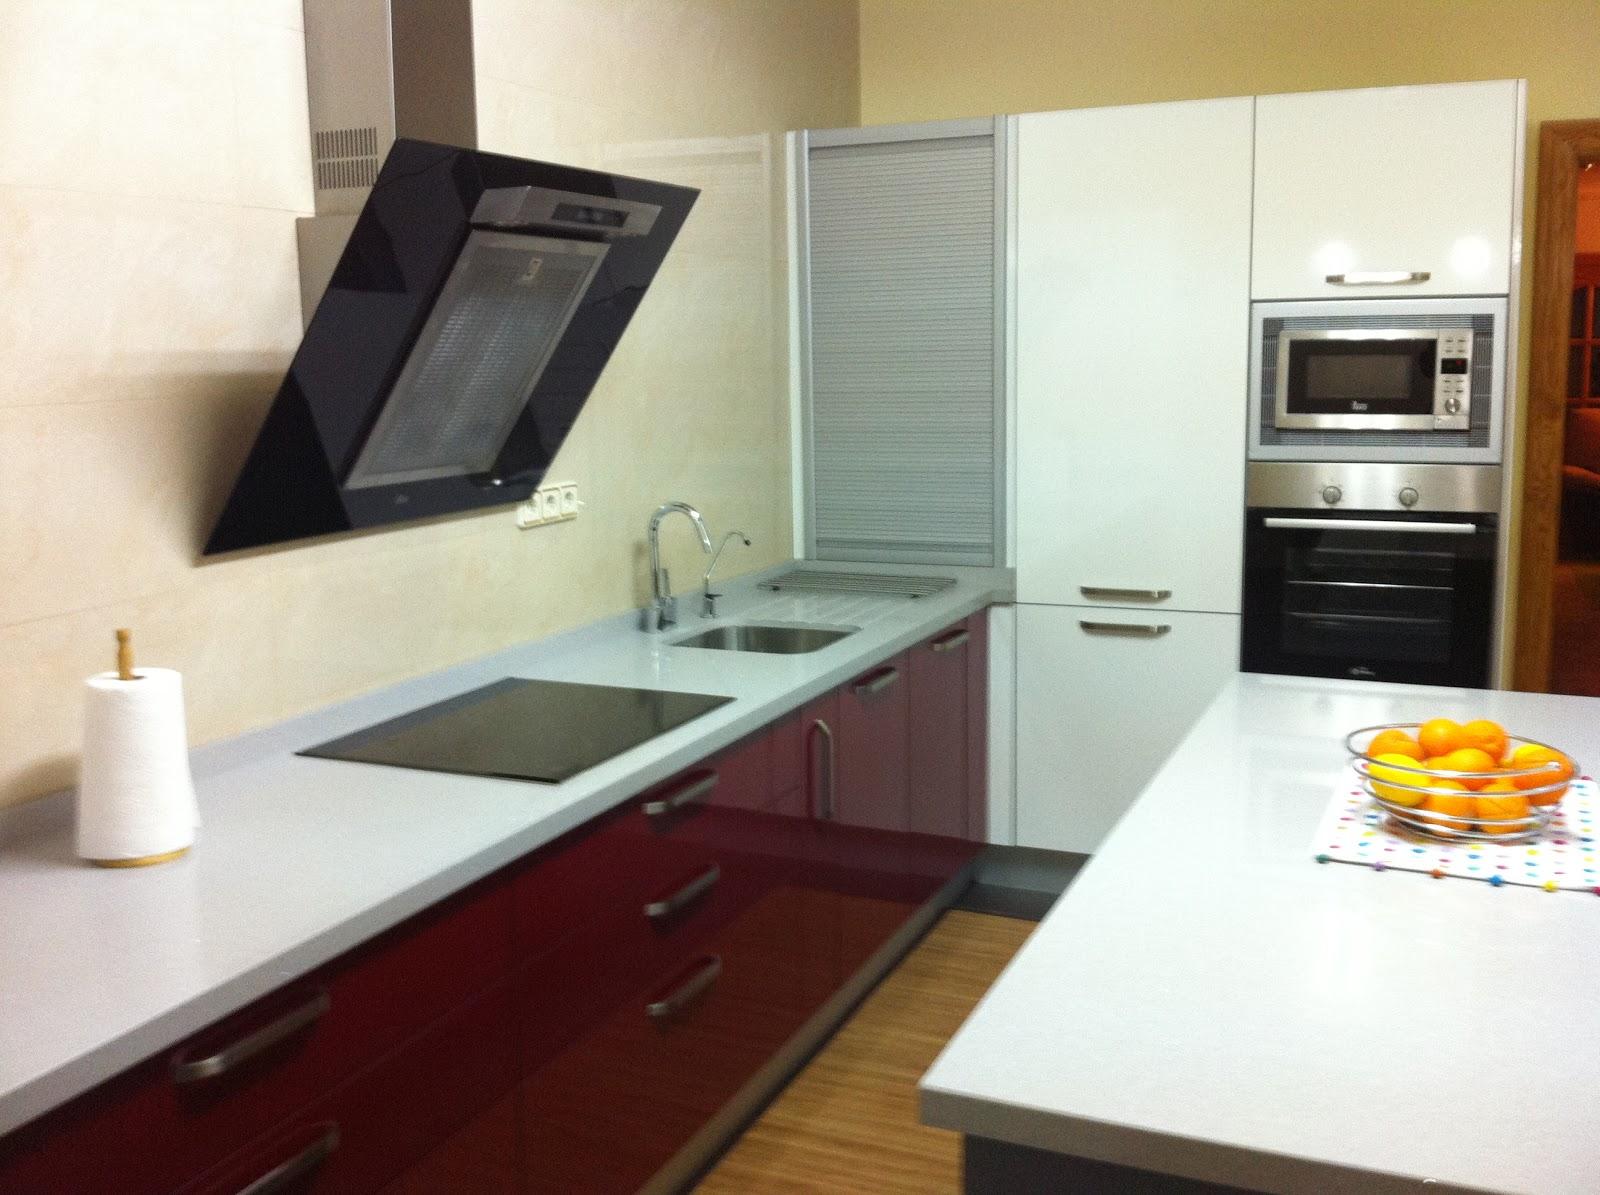 Formas almacen de cocinas medidas perfectas para una for Cocina medidas minimas